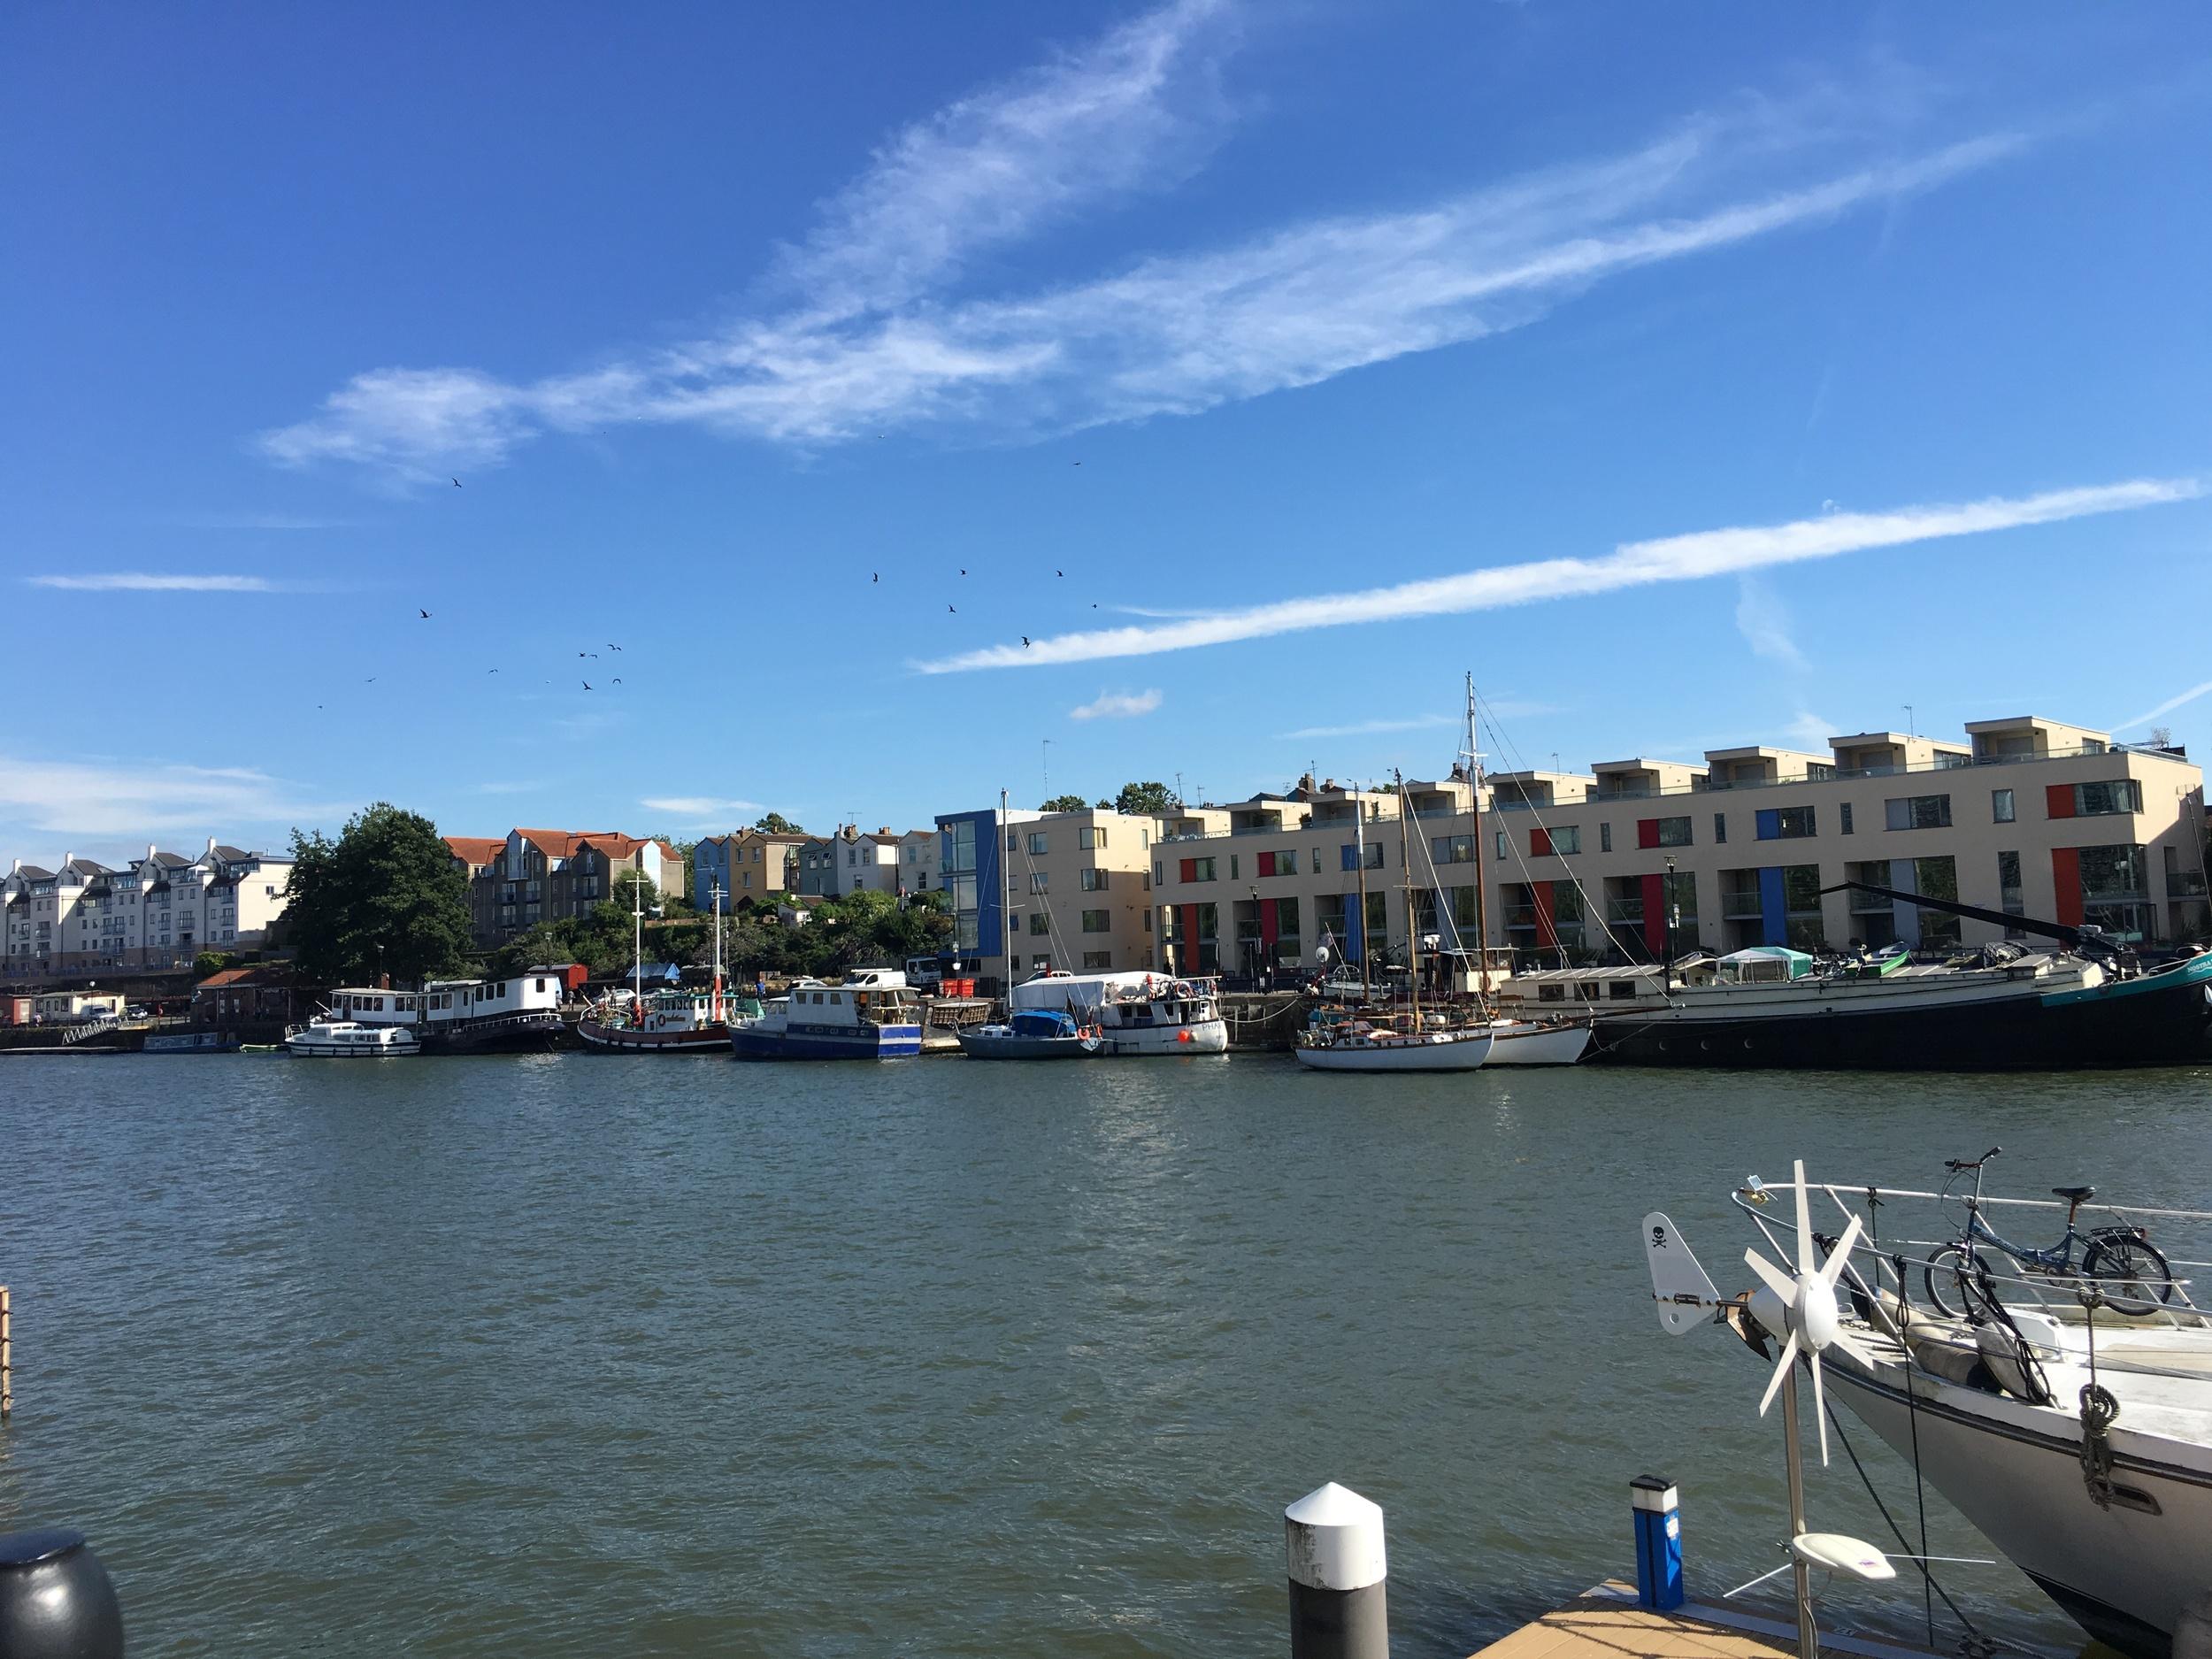 BRH-Harbour-Landscape.jpeg